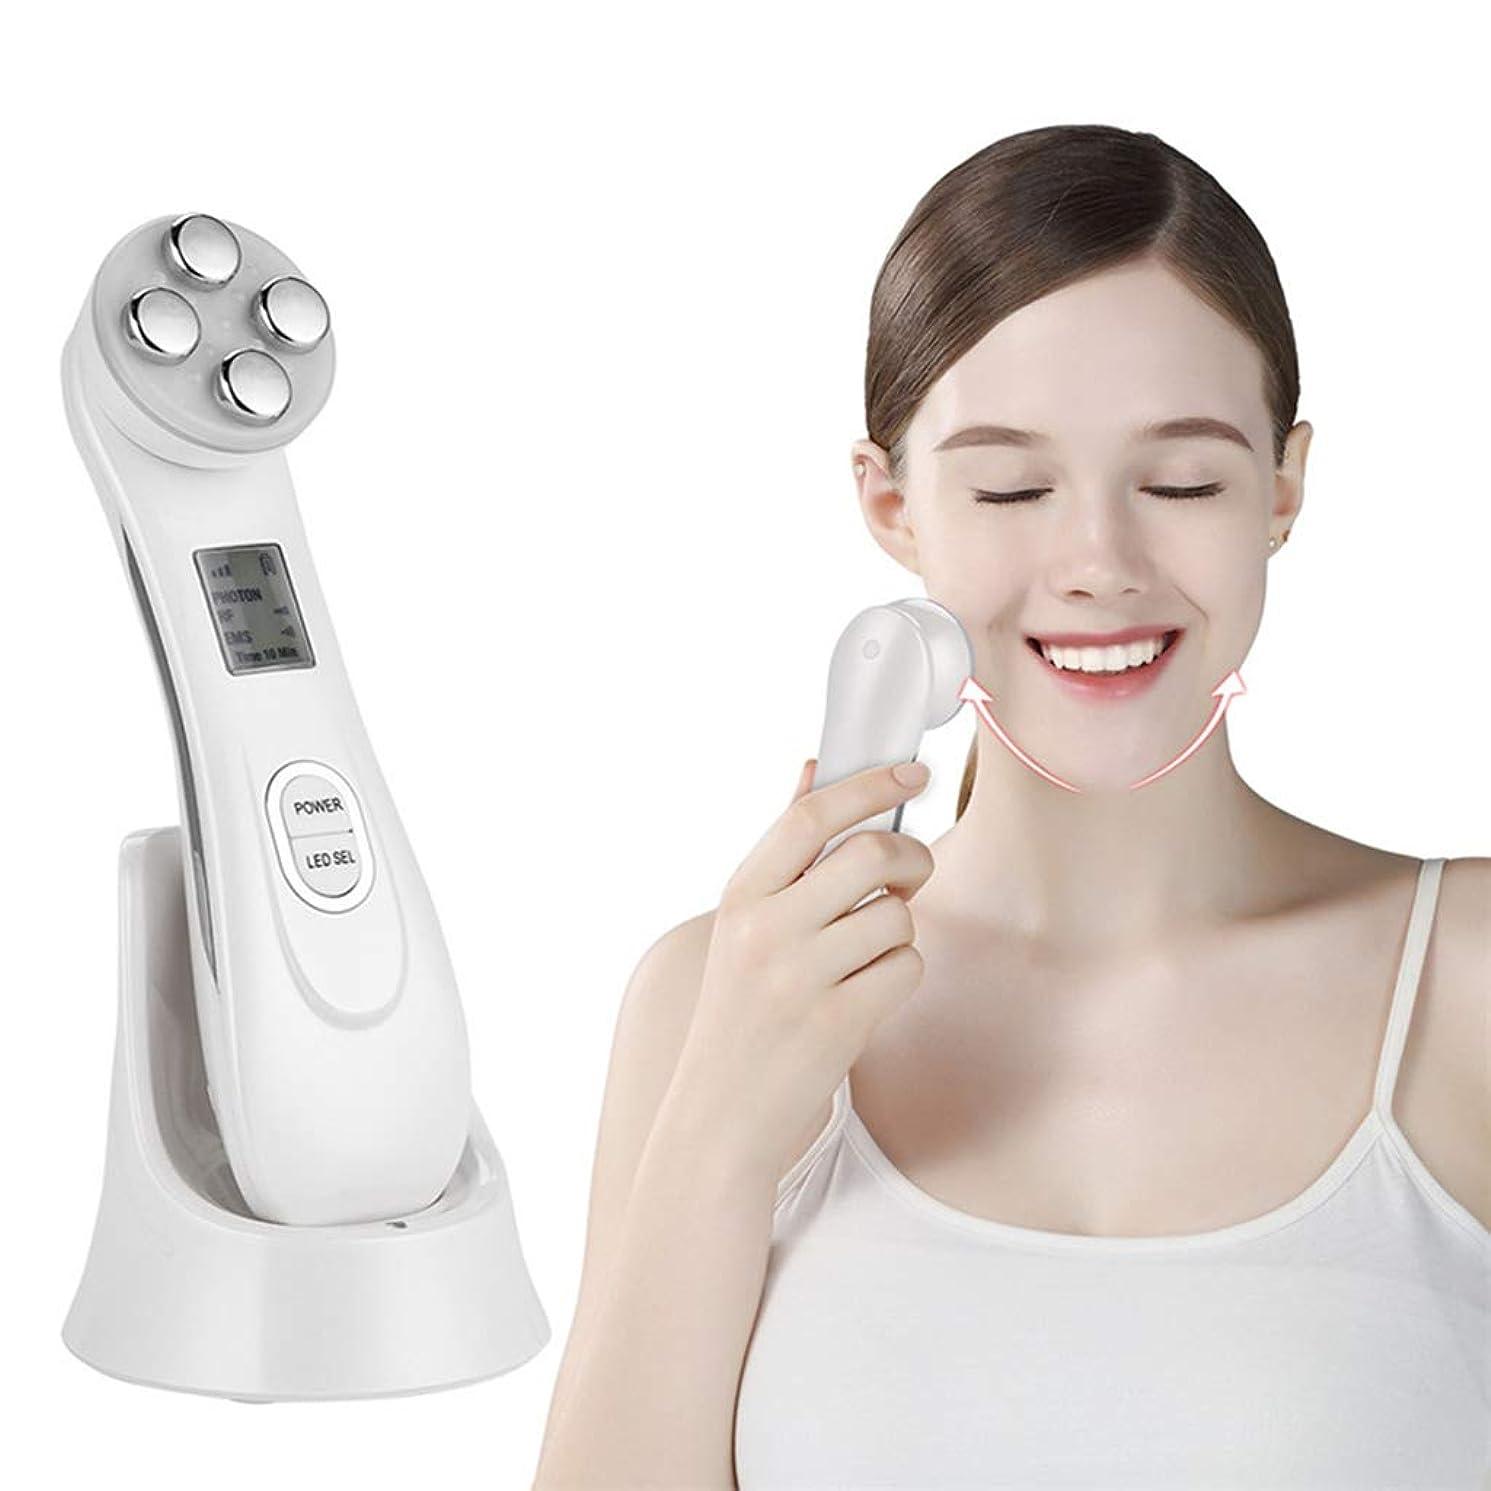 推測するオール梨しわ除去機5 in 1Facial Skin Tightening Beauty Deviceは、しわの年齢や紫外線によって損傷した皮膚の外観を改善します